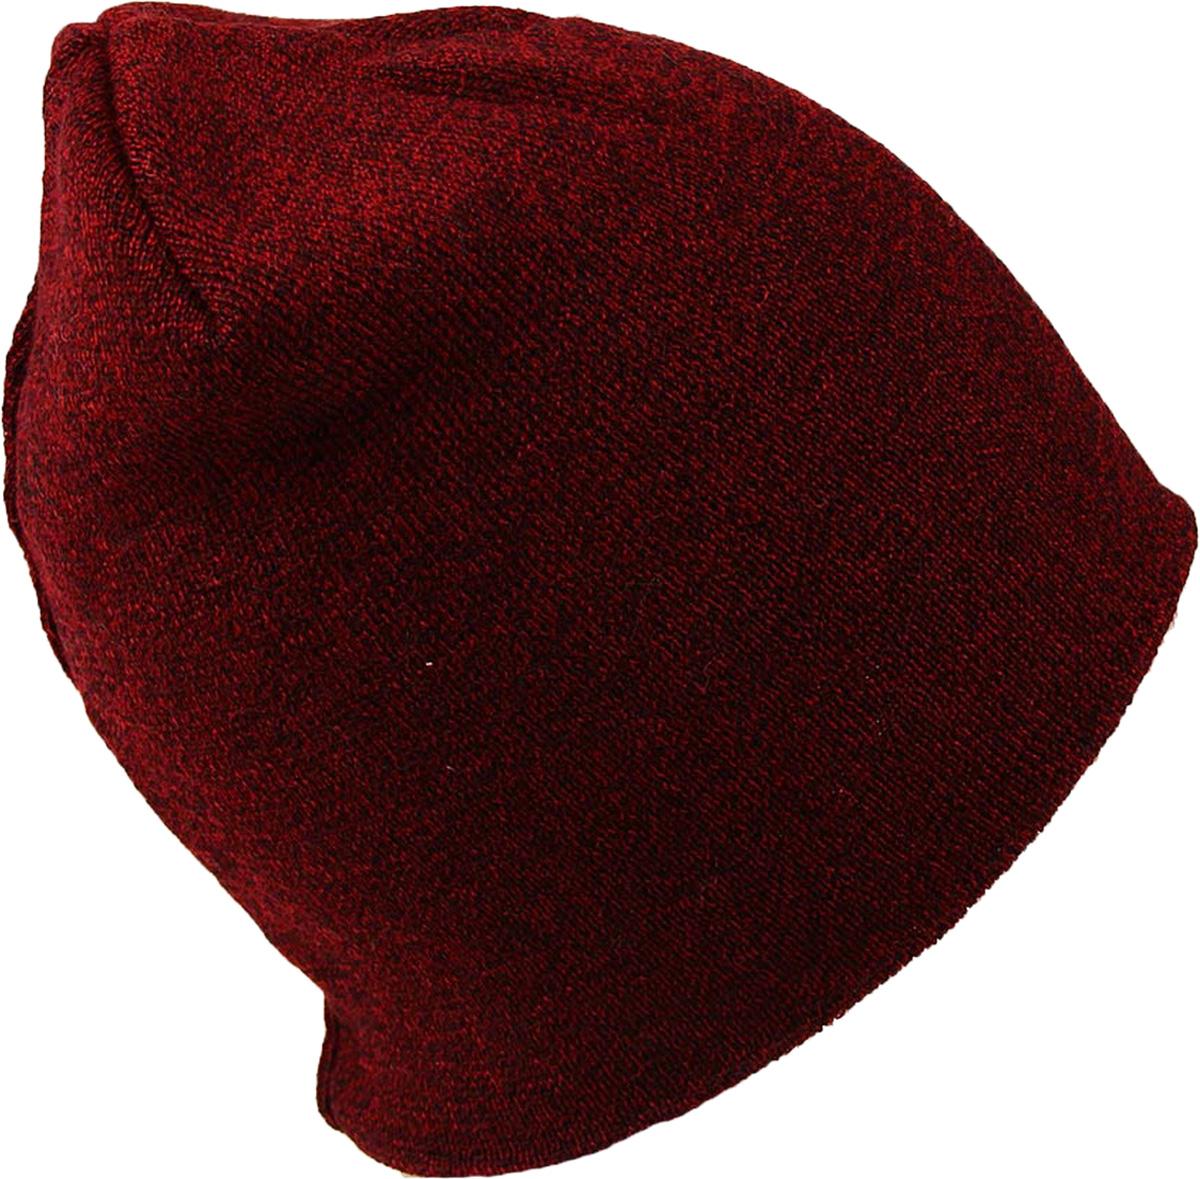 Шапка женская Venera, цвет: бордовый. 9806856/1. Размер универсальный9806856/1 ШапкаСтильная женская шапка Venera, выполненная из комбинированной пряжи, станет отличным дополнением вашего образа в холодную погоду. Шапка Venera - это универсальный и очень практичный аксессуар.